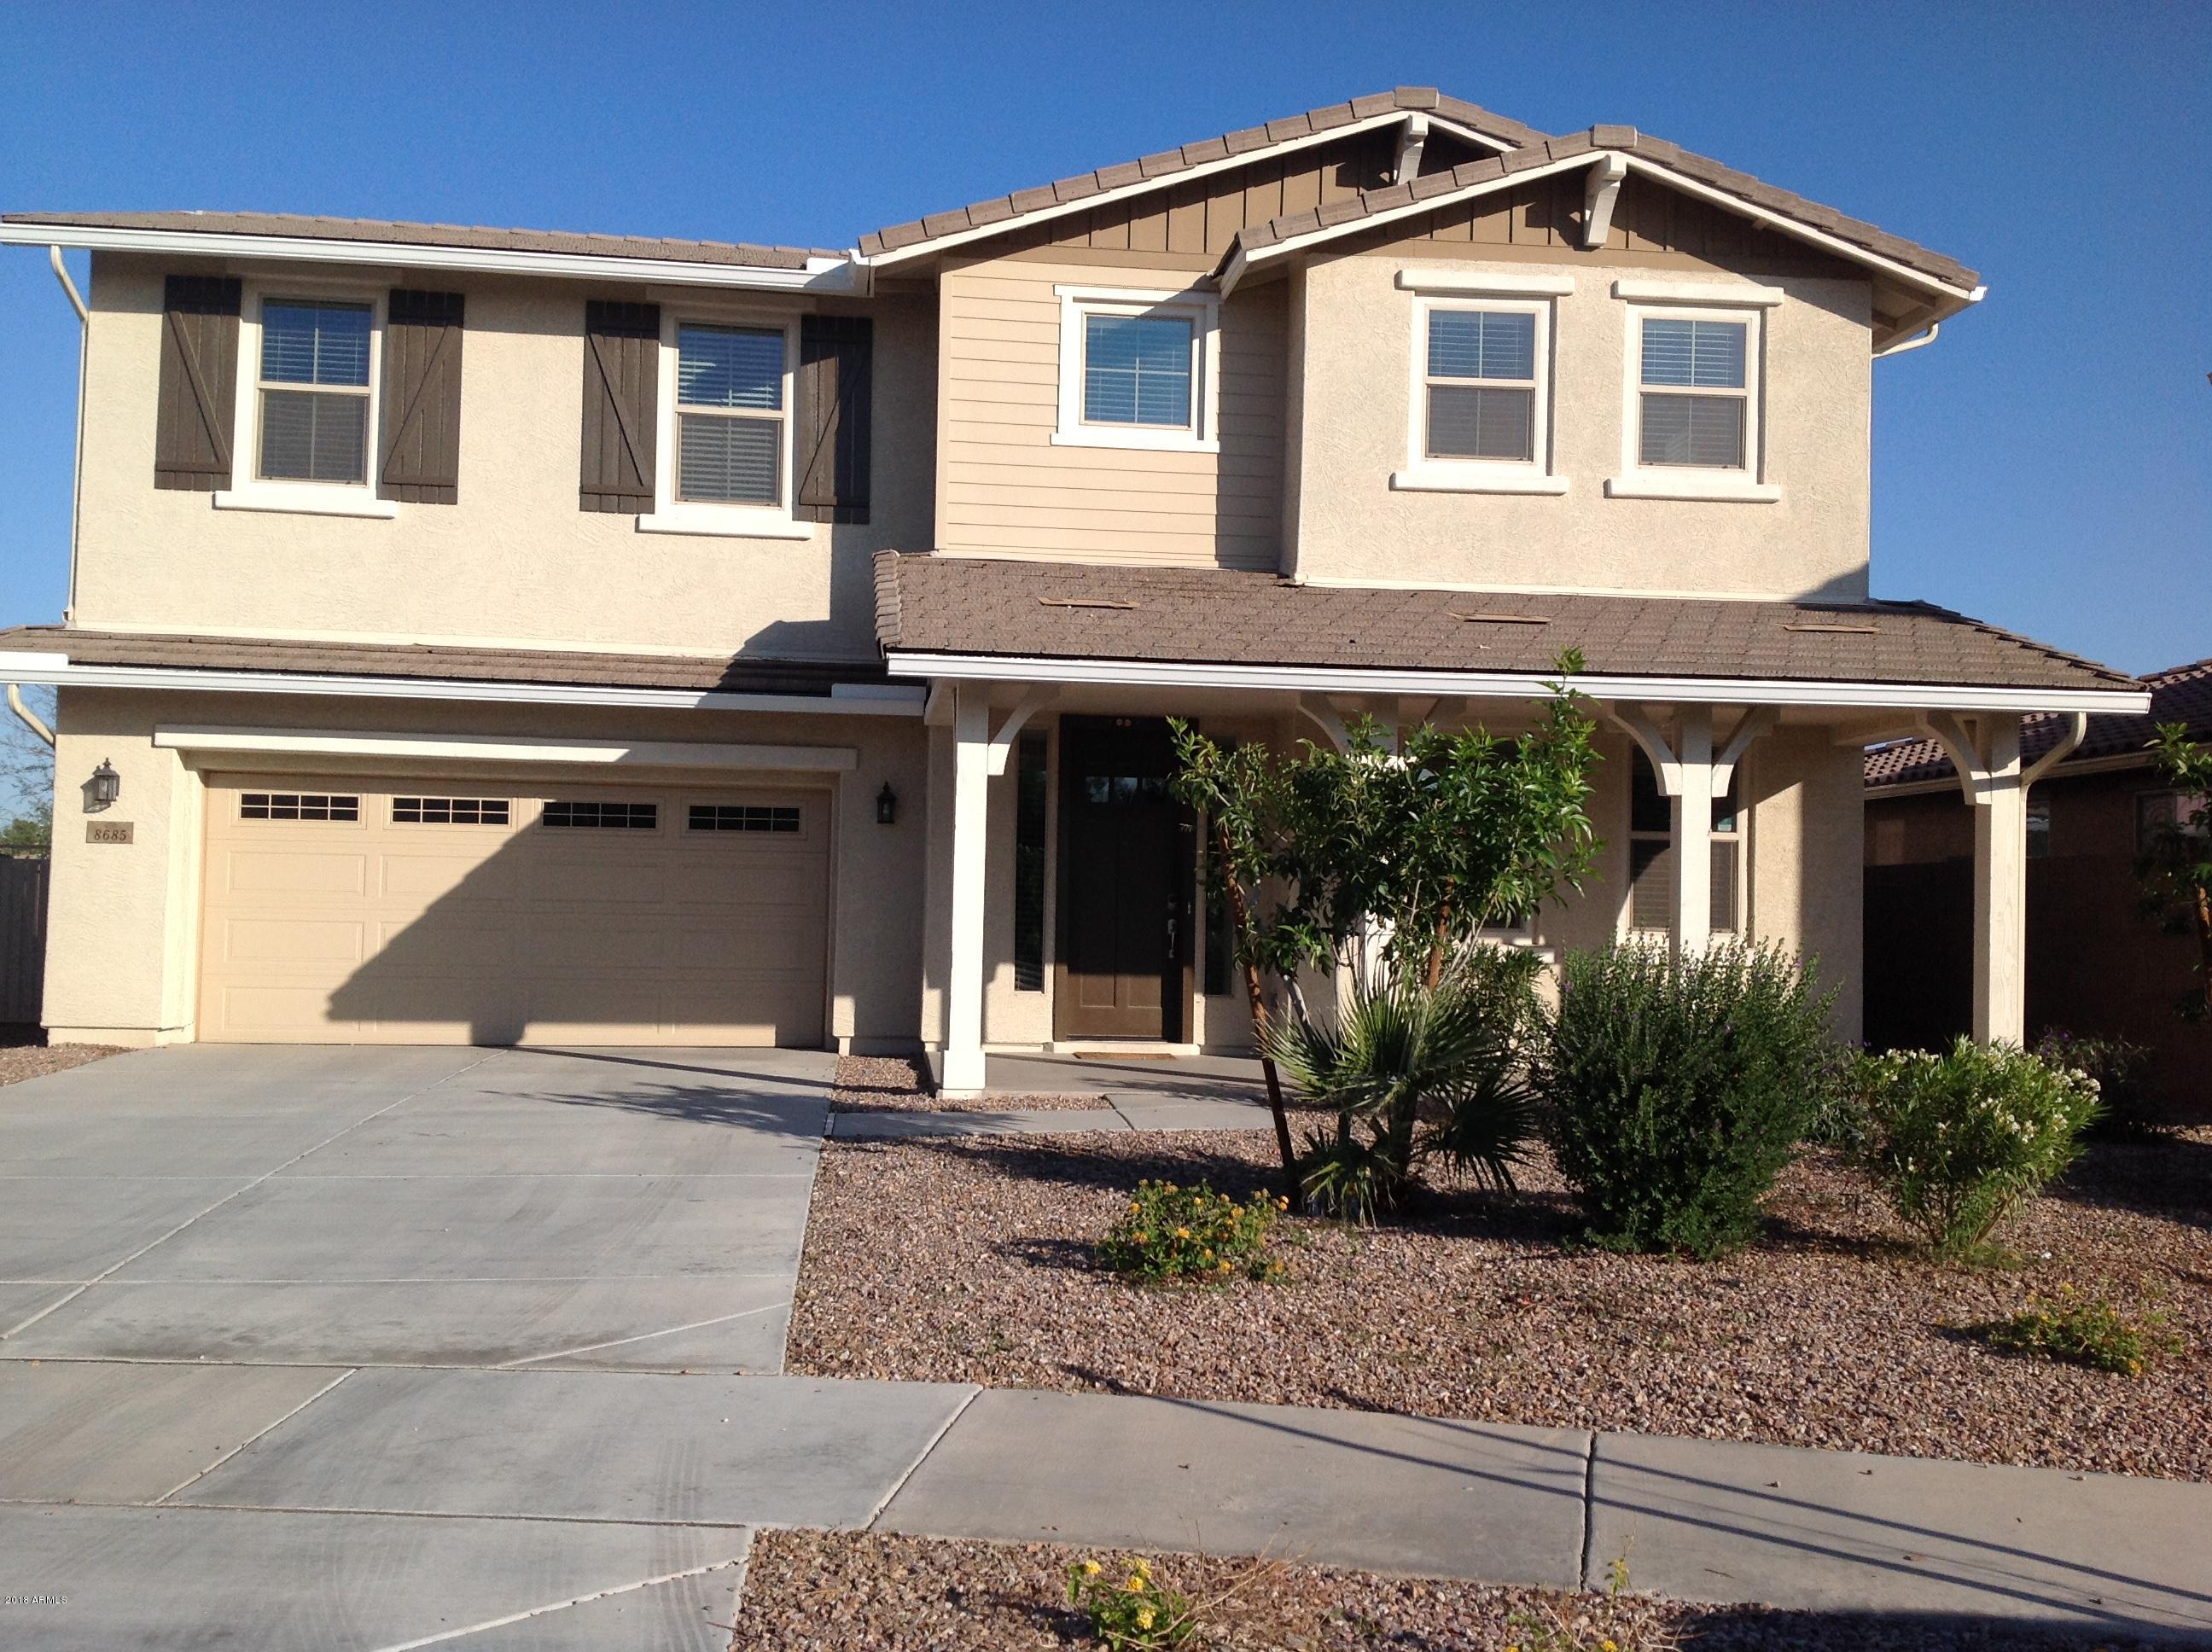 Photo of 8685 N 89TH Lane, Peoria, AZ 85345